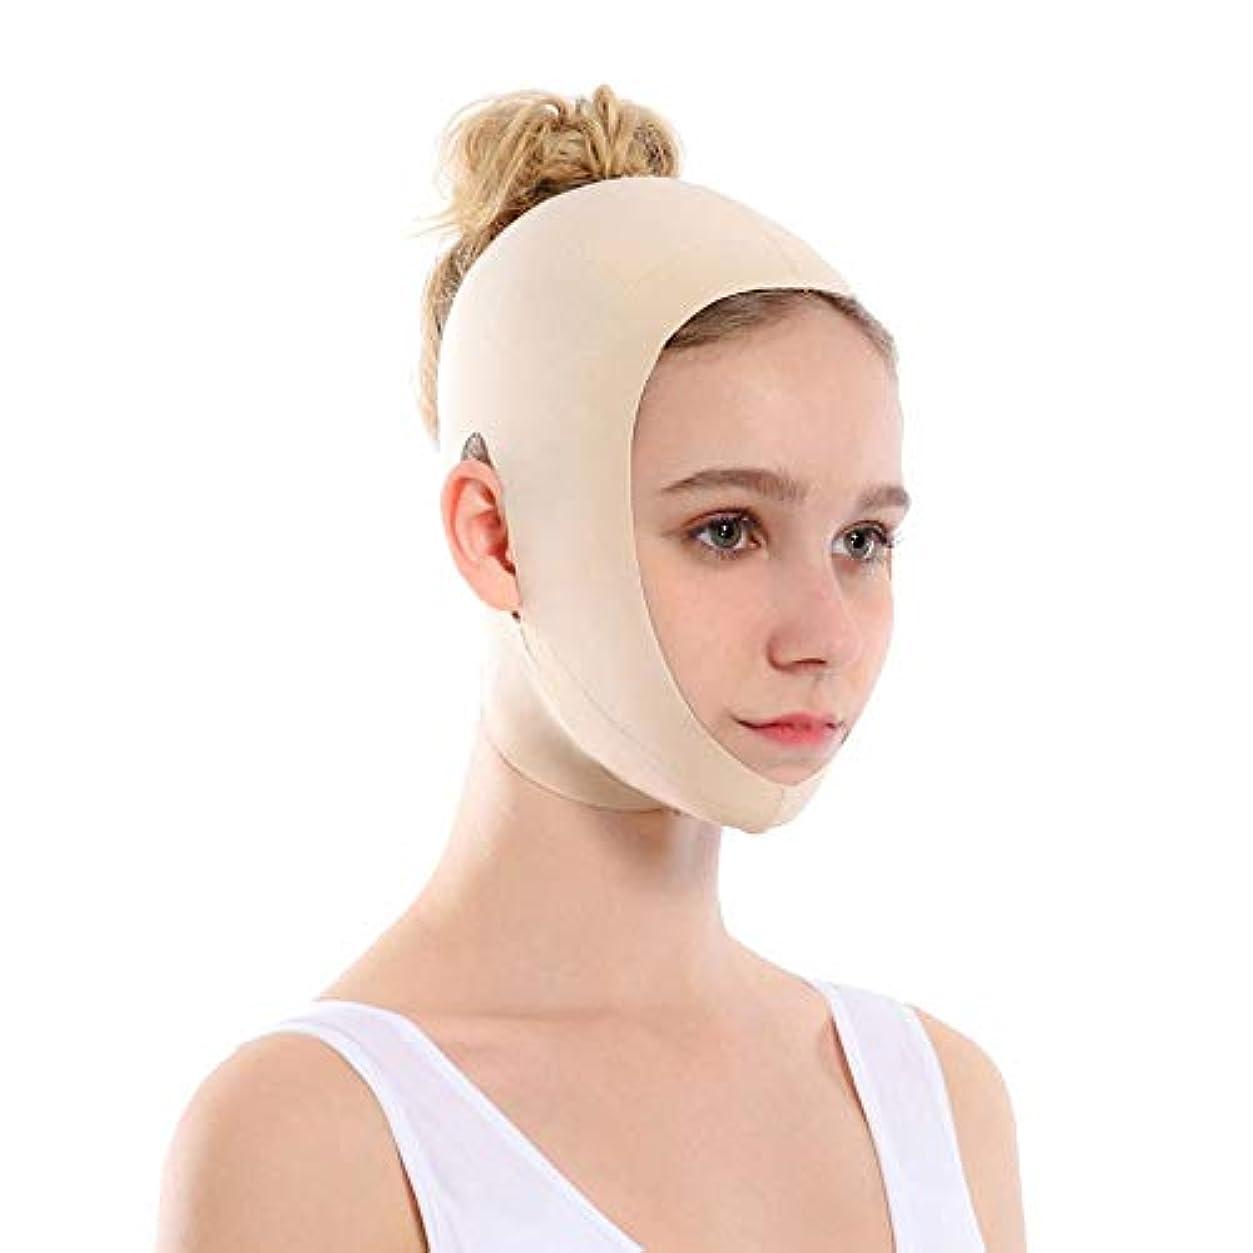 不良品豊富なよろめく飛強強 顔を持ち上げるアーティファクトVフェイス包帯リフティング引き締め睡眠薄い顔を整形持ち上げる顔を二重あご矯正 - 肌の色 スリムフィット美容ツール